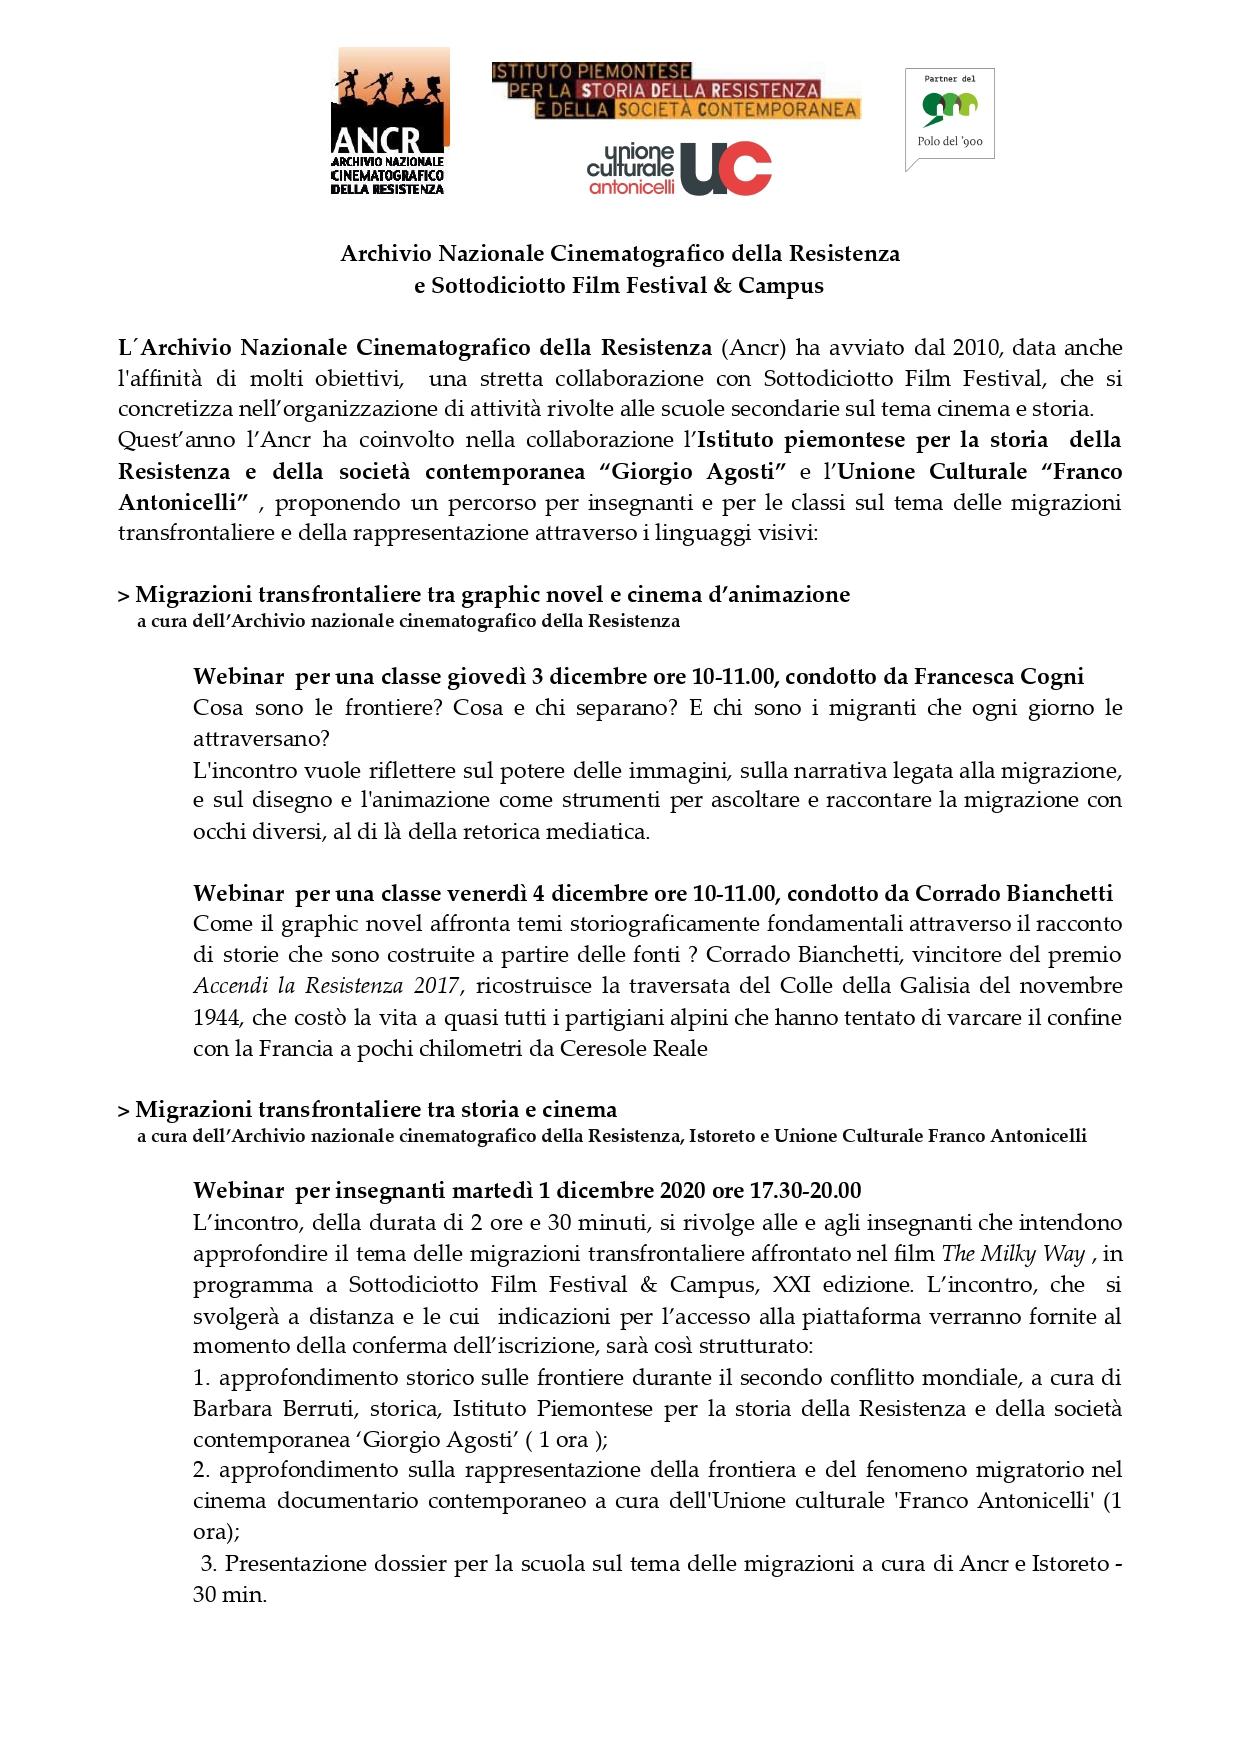 2020-12-01 ANCR e Sottodiciotto 2020_page-0001